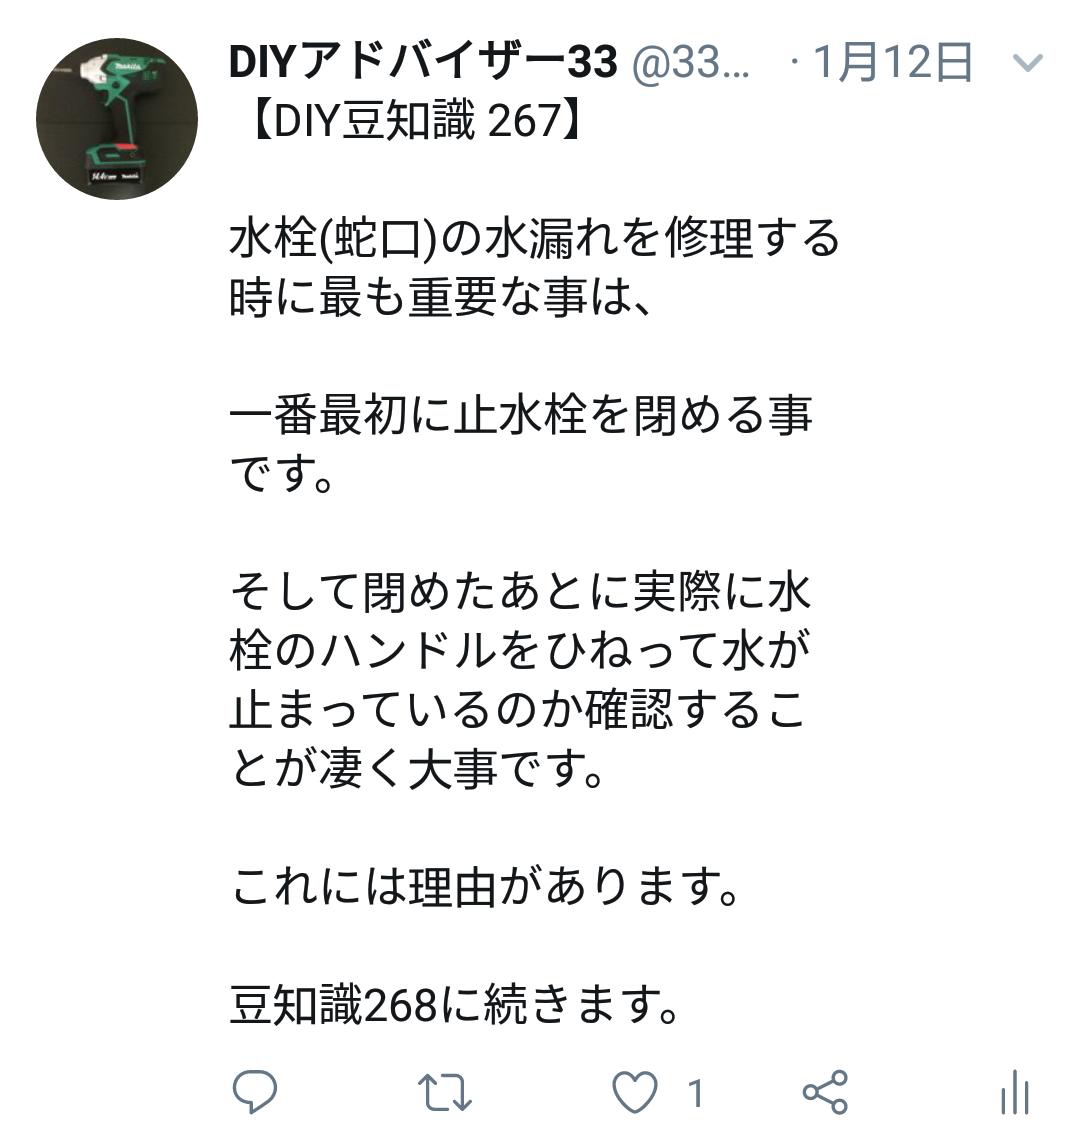 f:id:DIY33:20190409164131p:plain